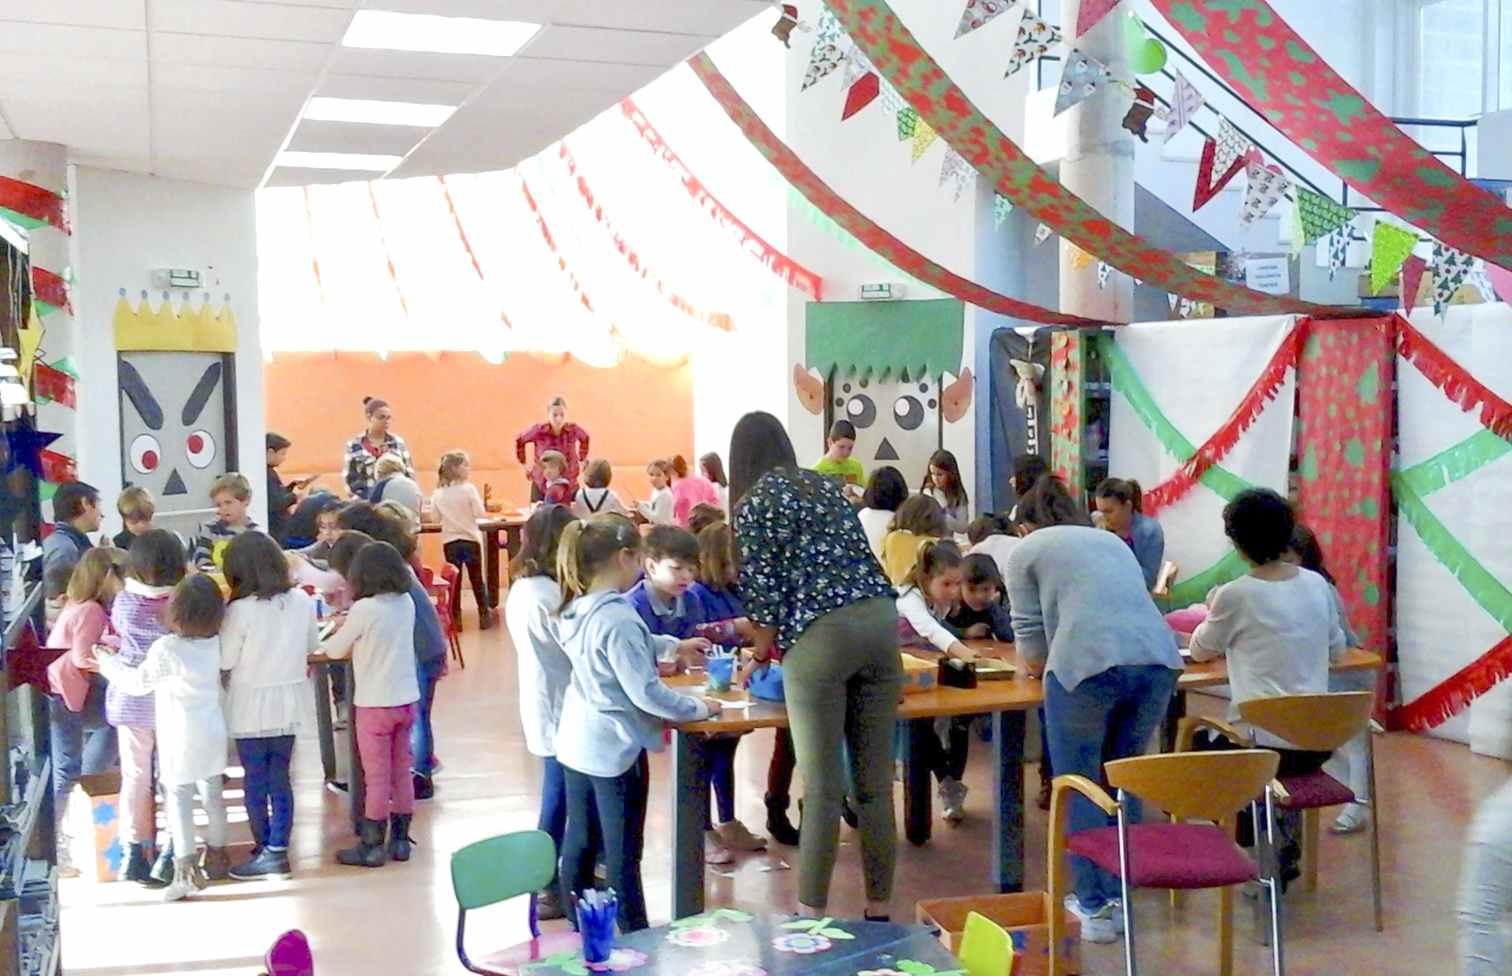 La Biblioteca Pública de Onil ofrece un amplio abanico de actividades infantiles para Navidad y Reyes